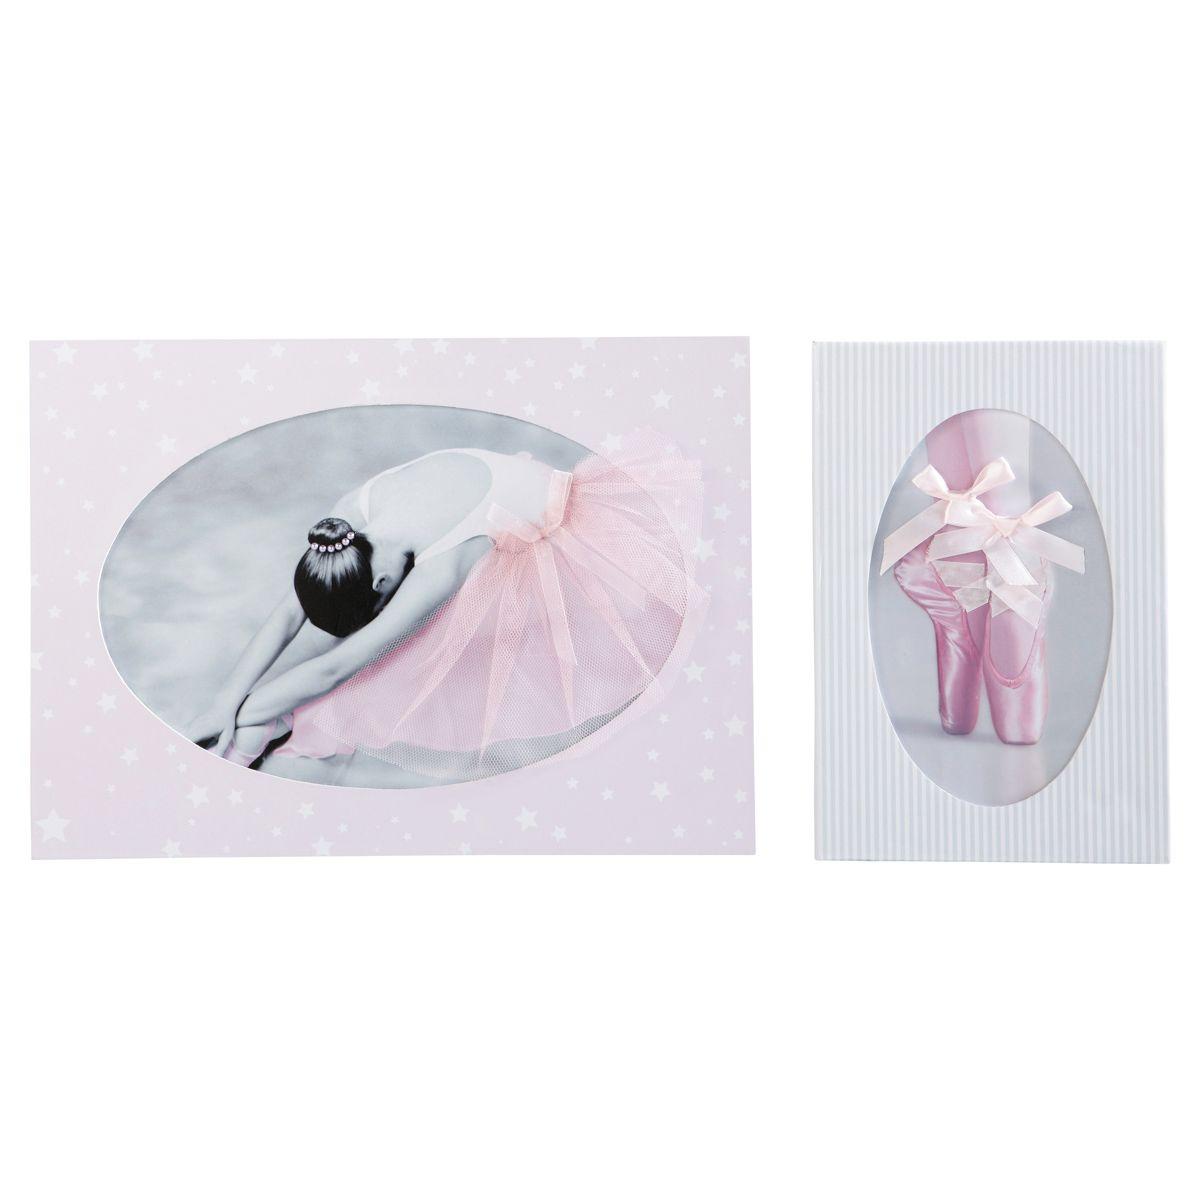 1000 images about ide chambre emma on pinterest - Maison Du Monde Ballerina